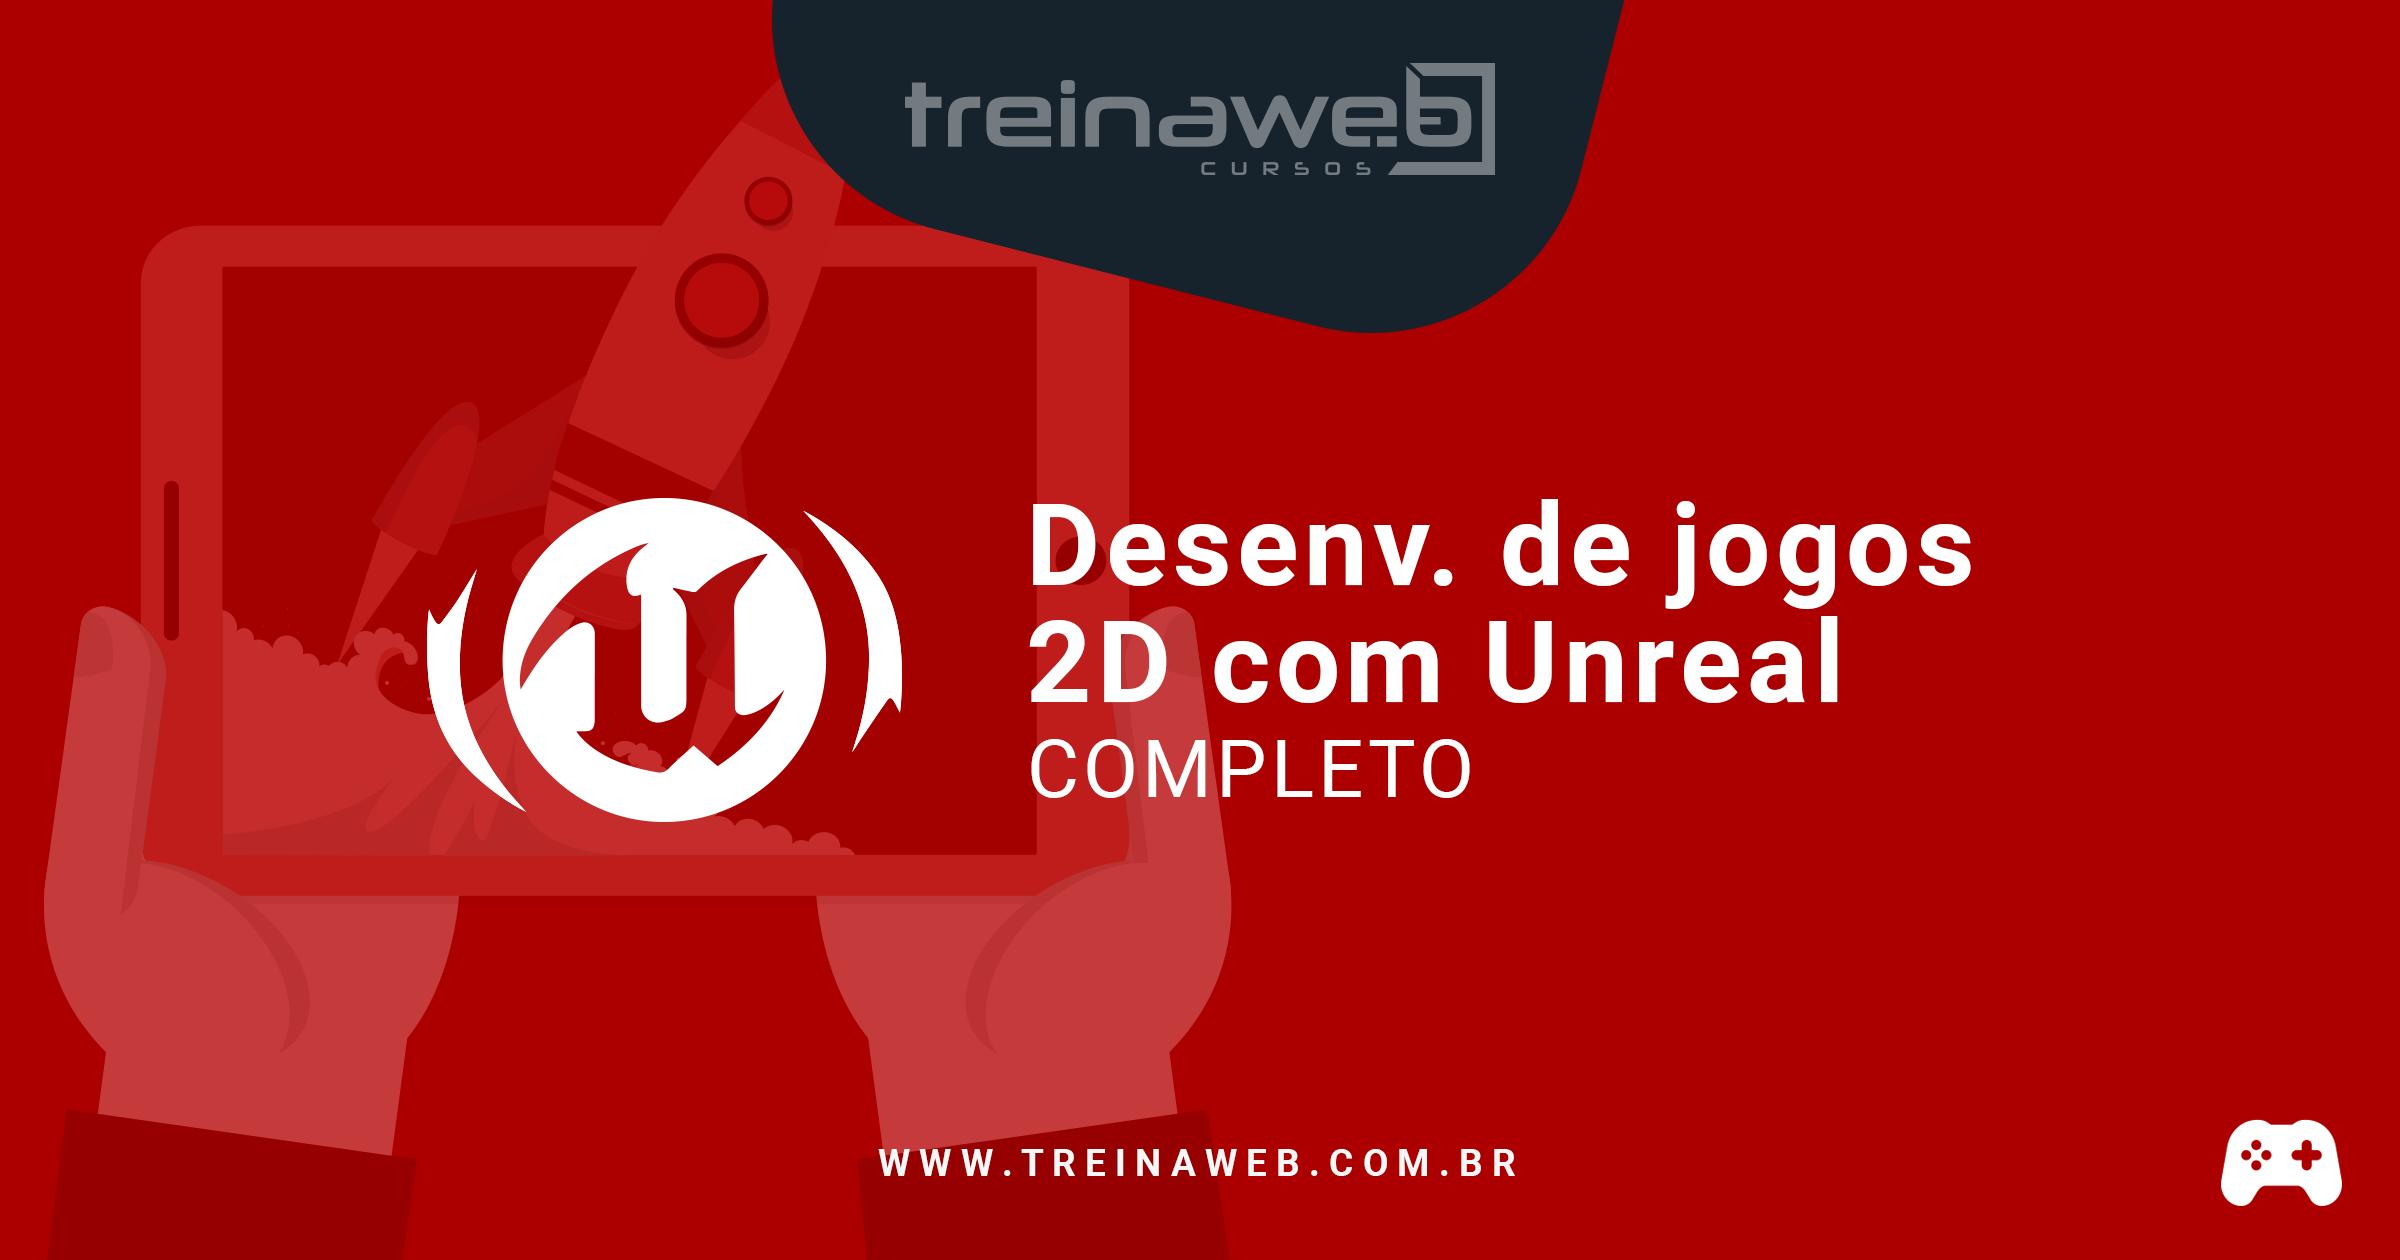 Curso de Unreal - Criação de Jogos 2D | TreinaWeb